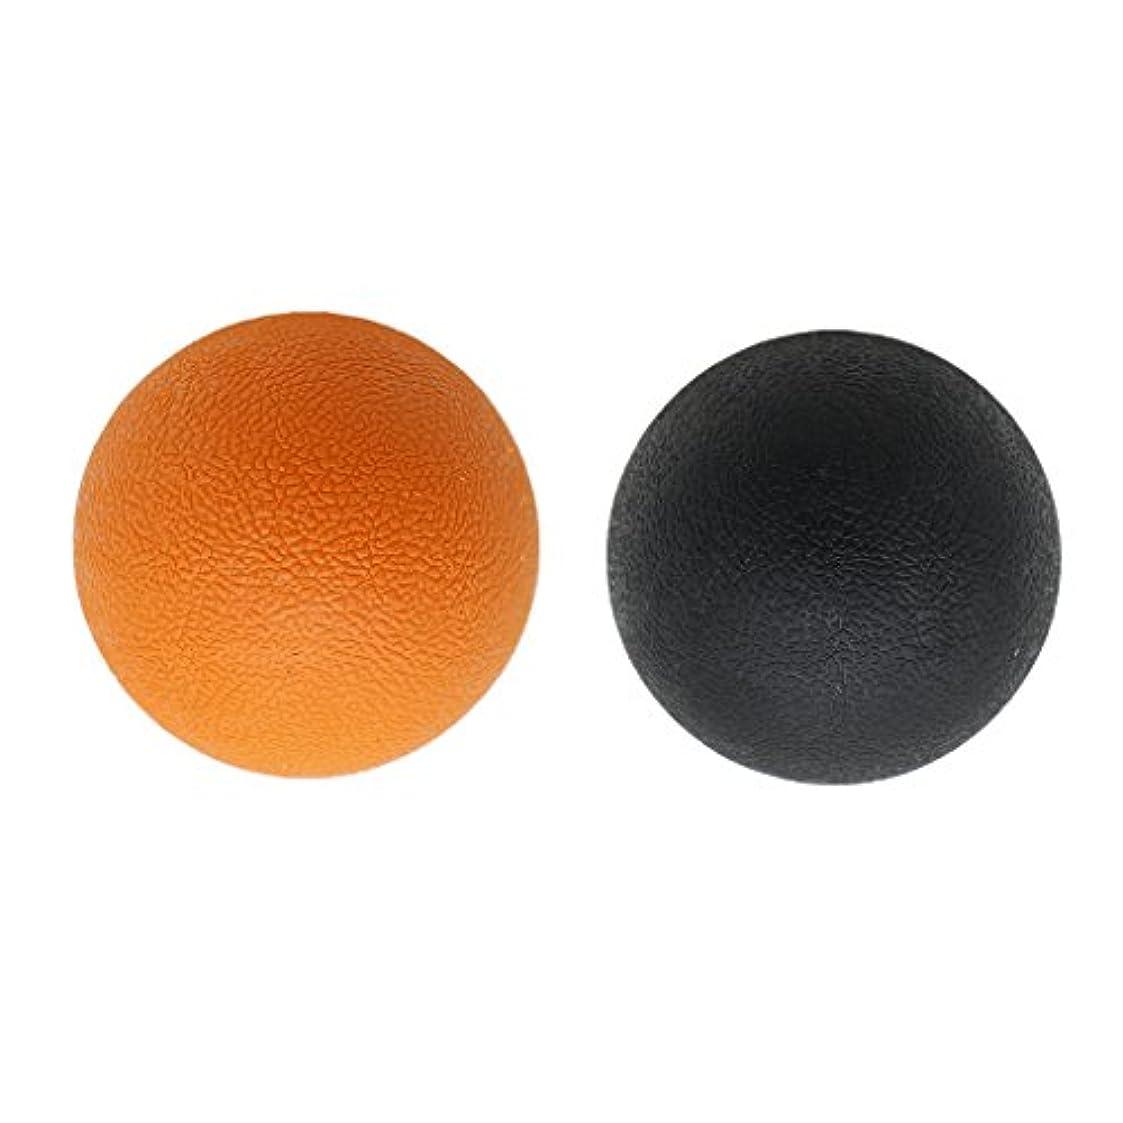 に勝る収縮不適2個 マッサージボール ラクロスボール トリガ ポイントマッサージ 弾性TPE 多色選べる - オレンジブラック